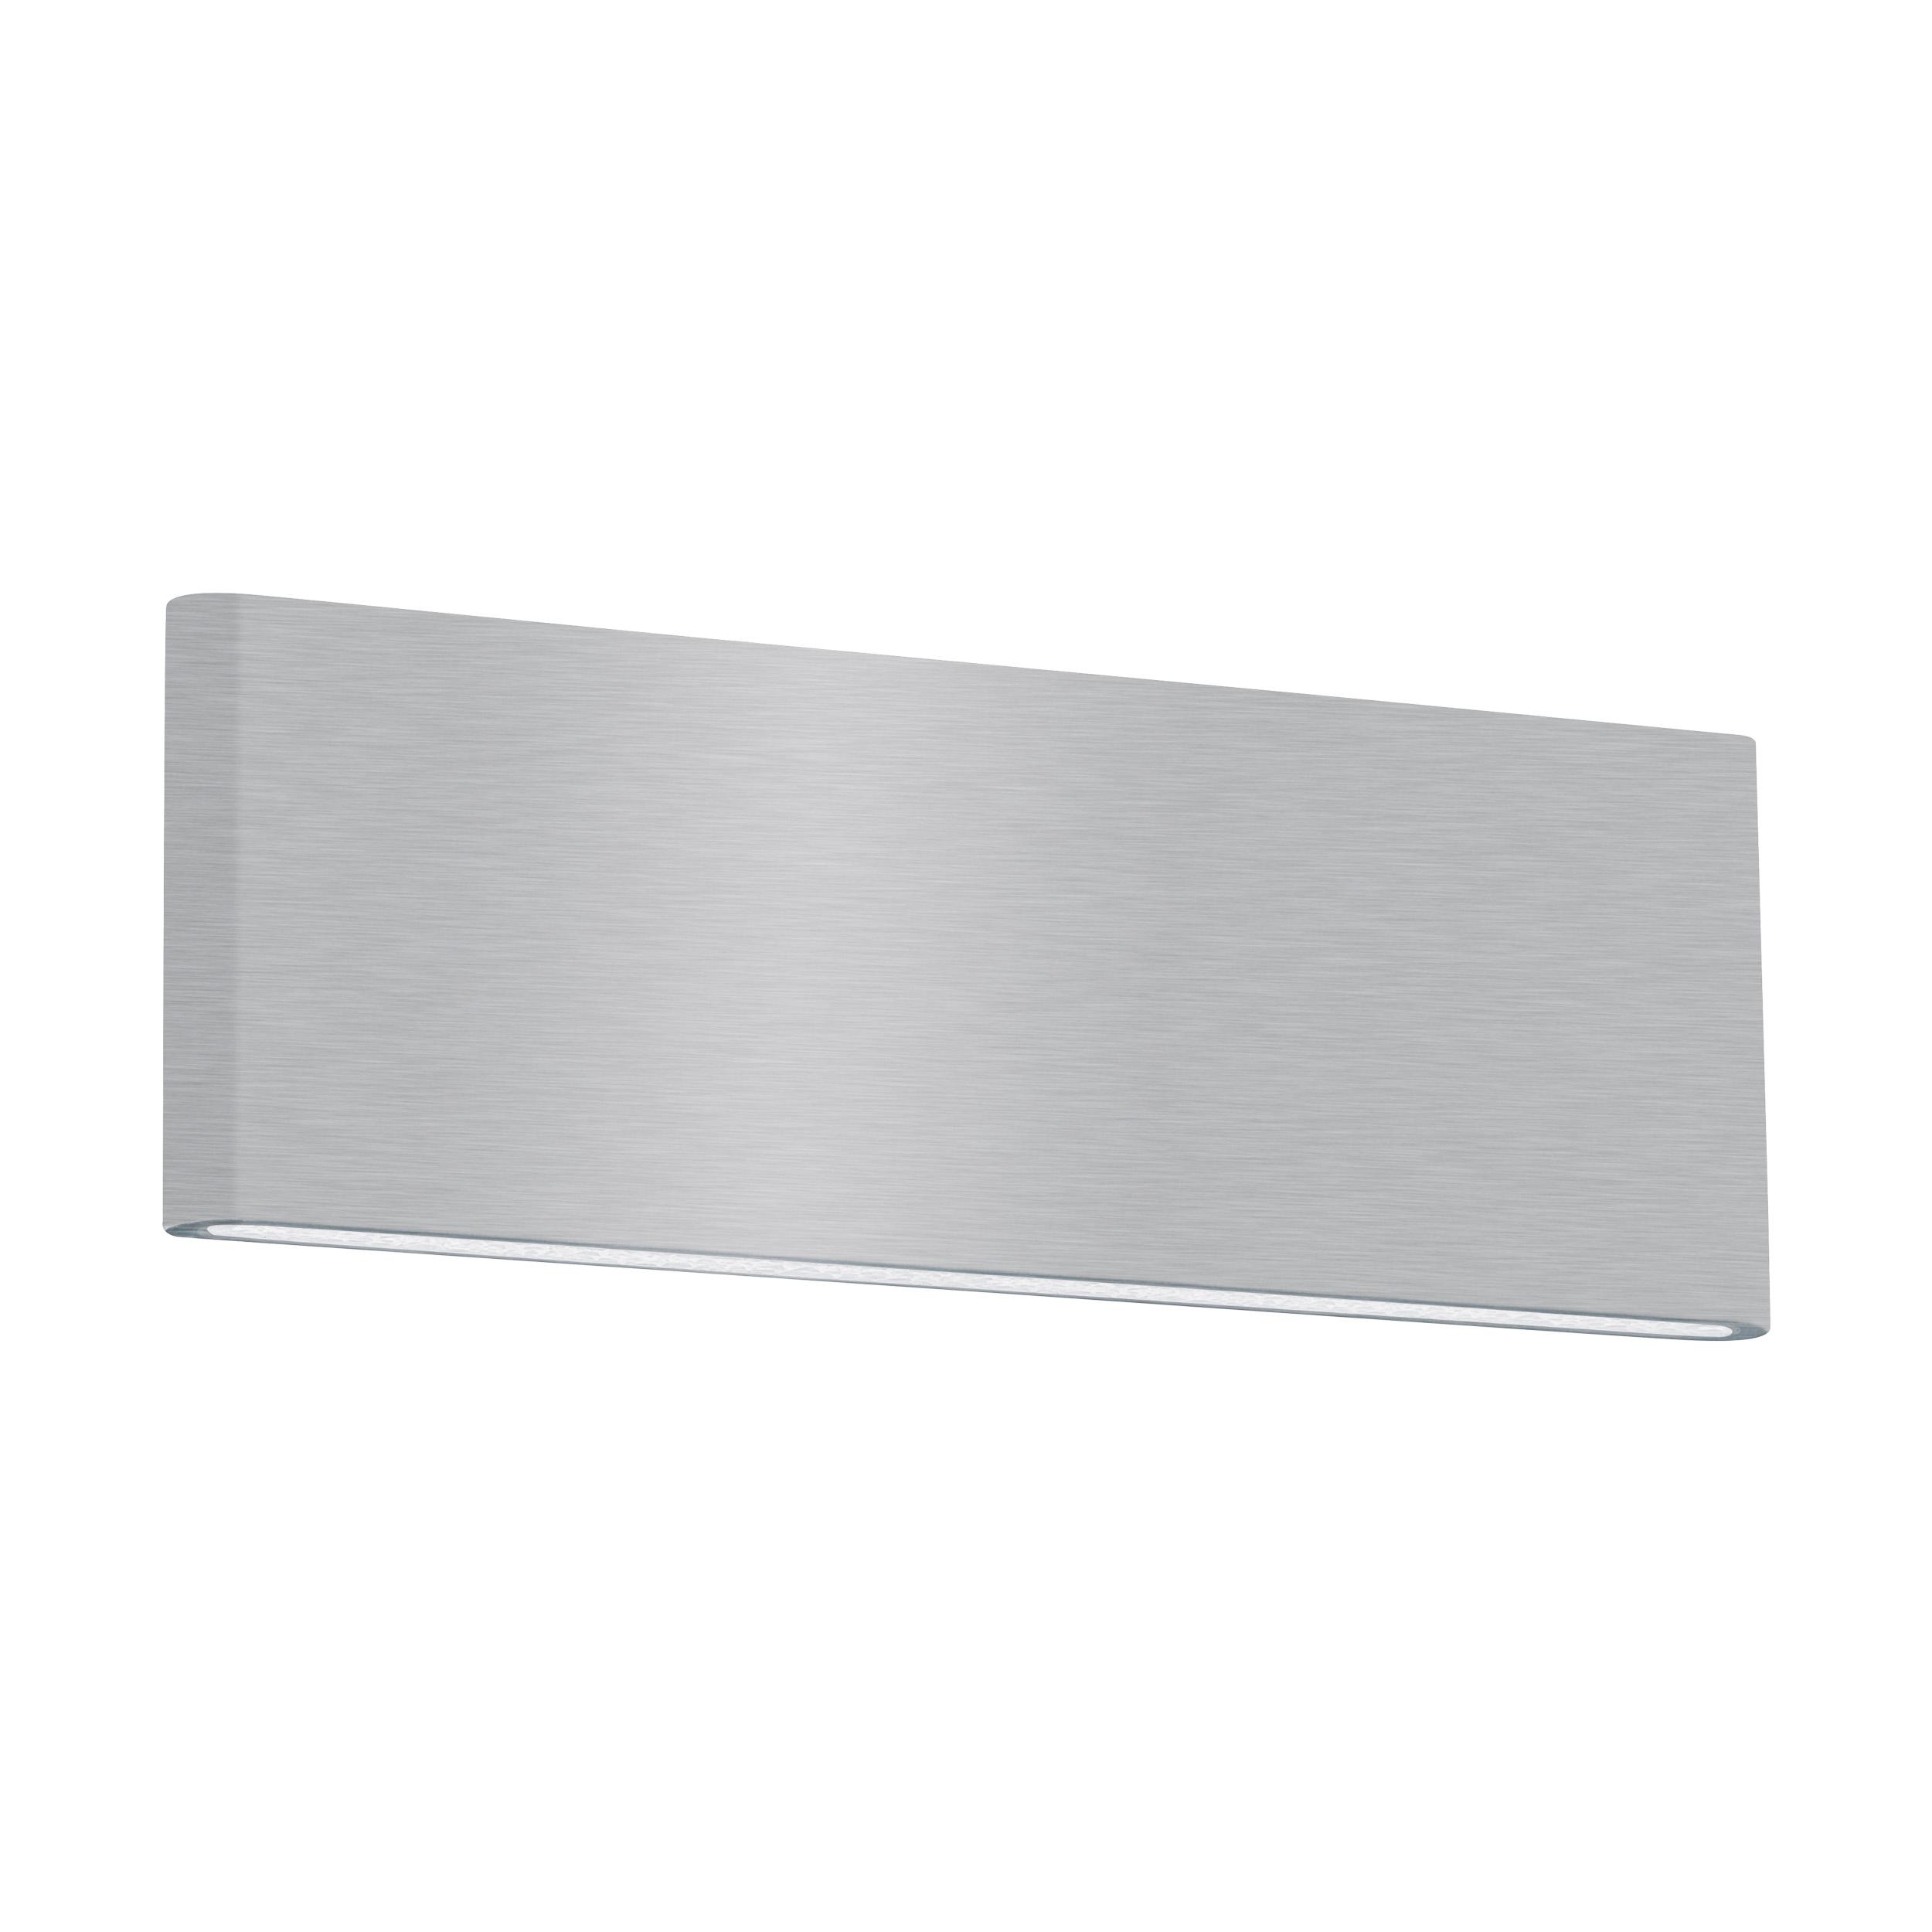 1 Stk Climene Pro D/I 2x19,8W 3000K Aluminium gebürstet IP20 LI64028---